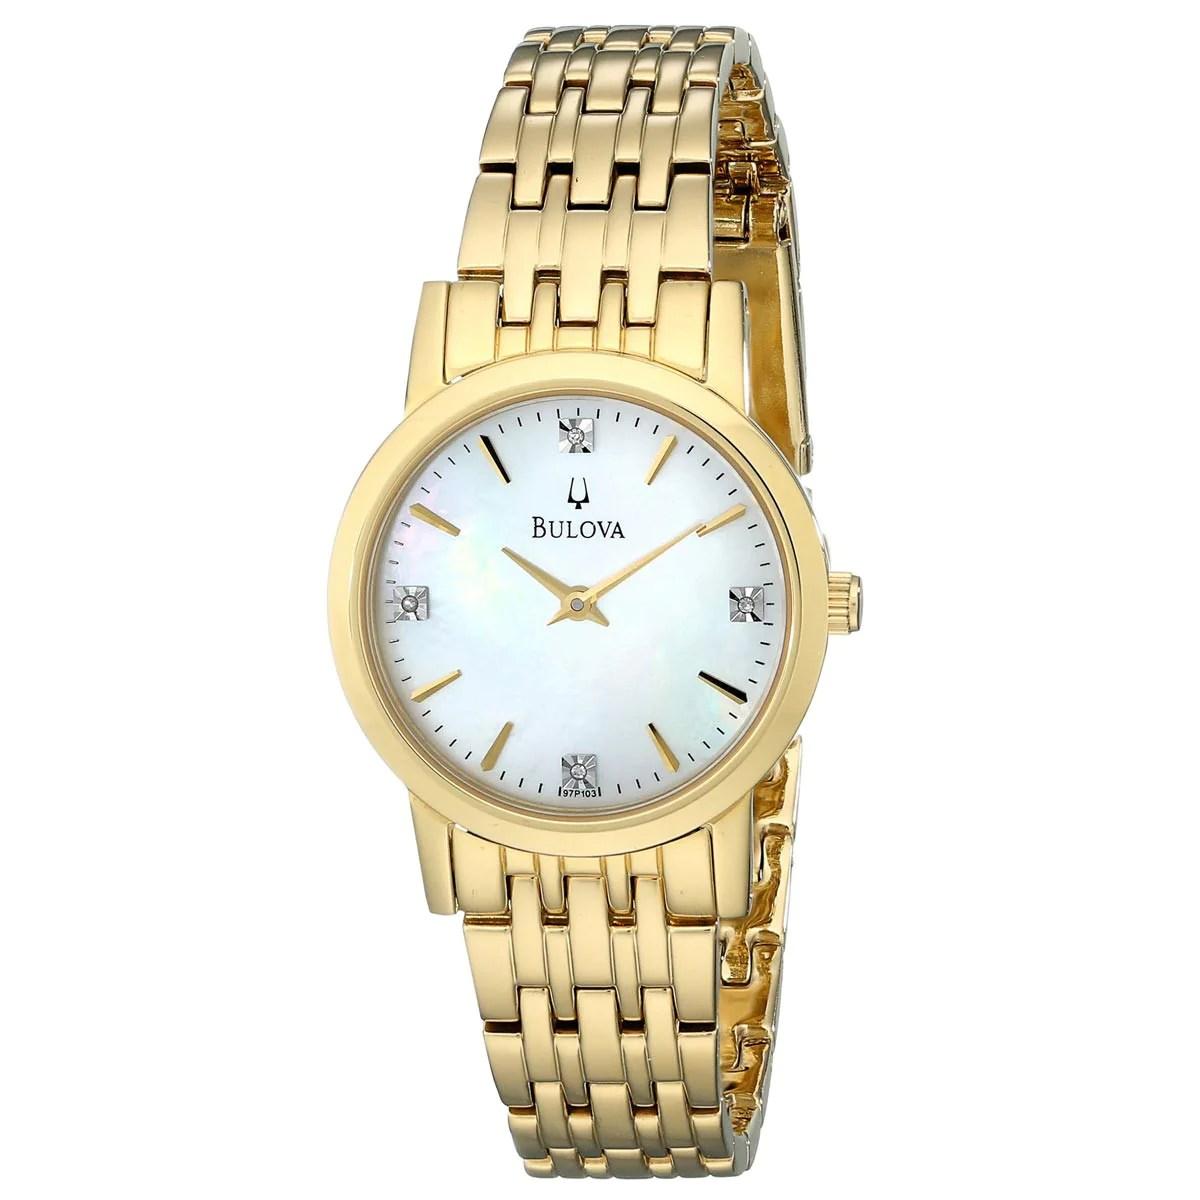 Bulova 97P103 Ladys MOP Dial Yellow Gold SS Bracelet Diamond Watch